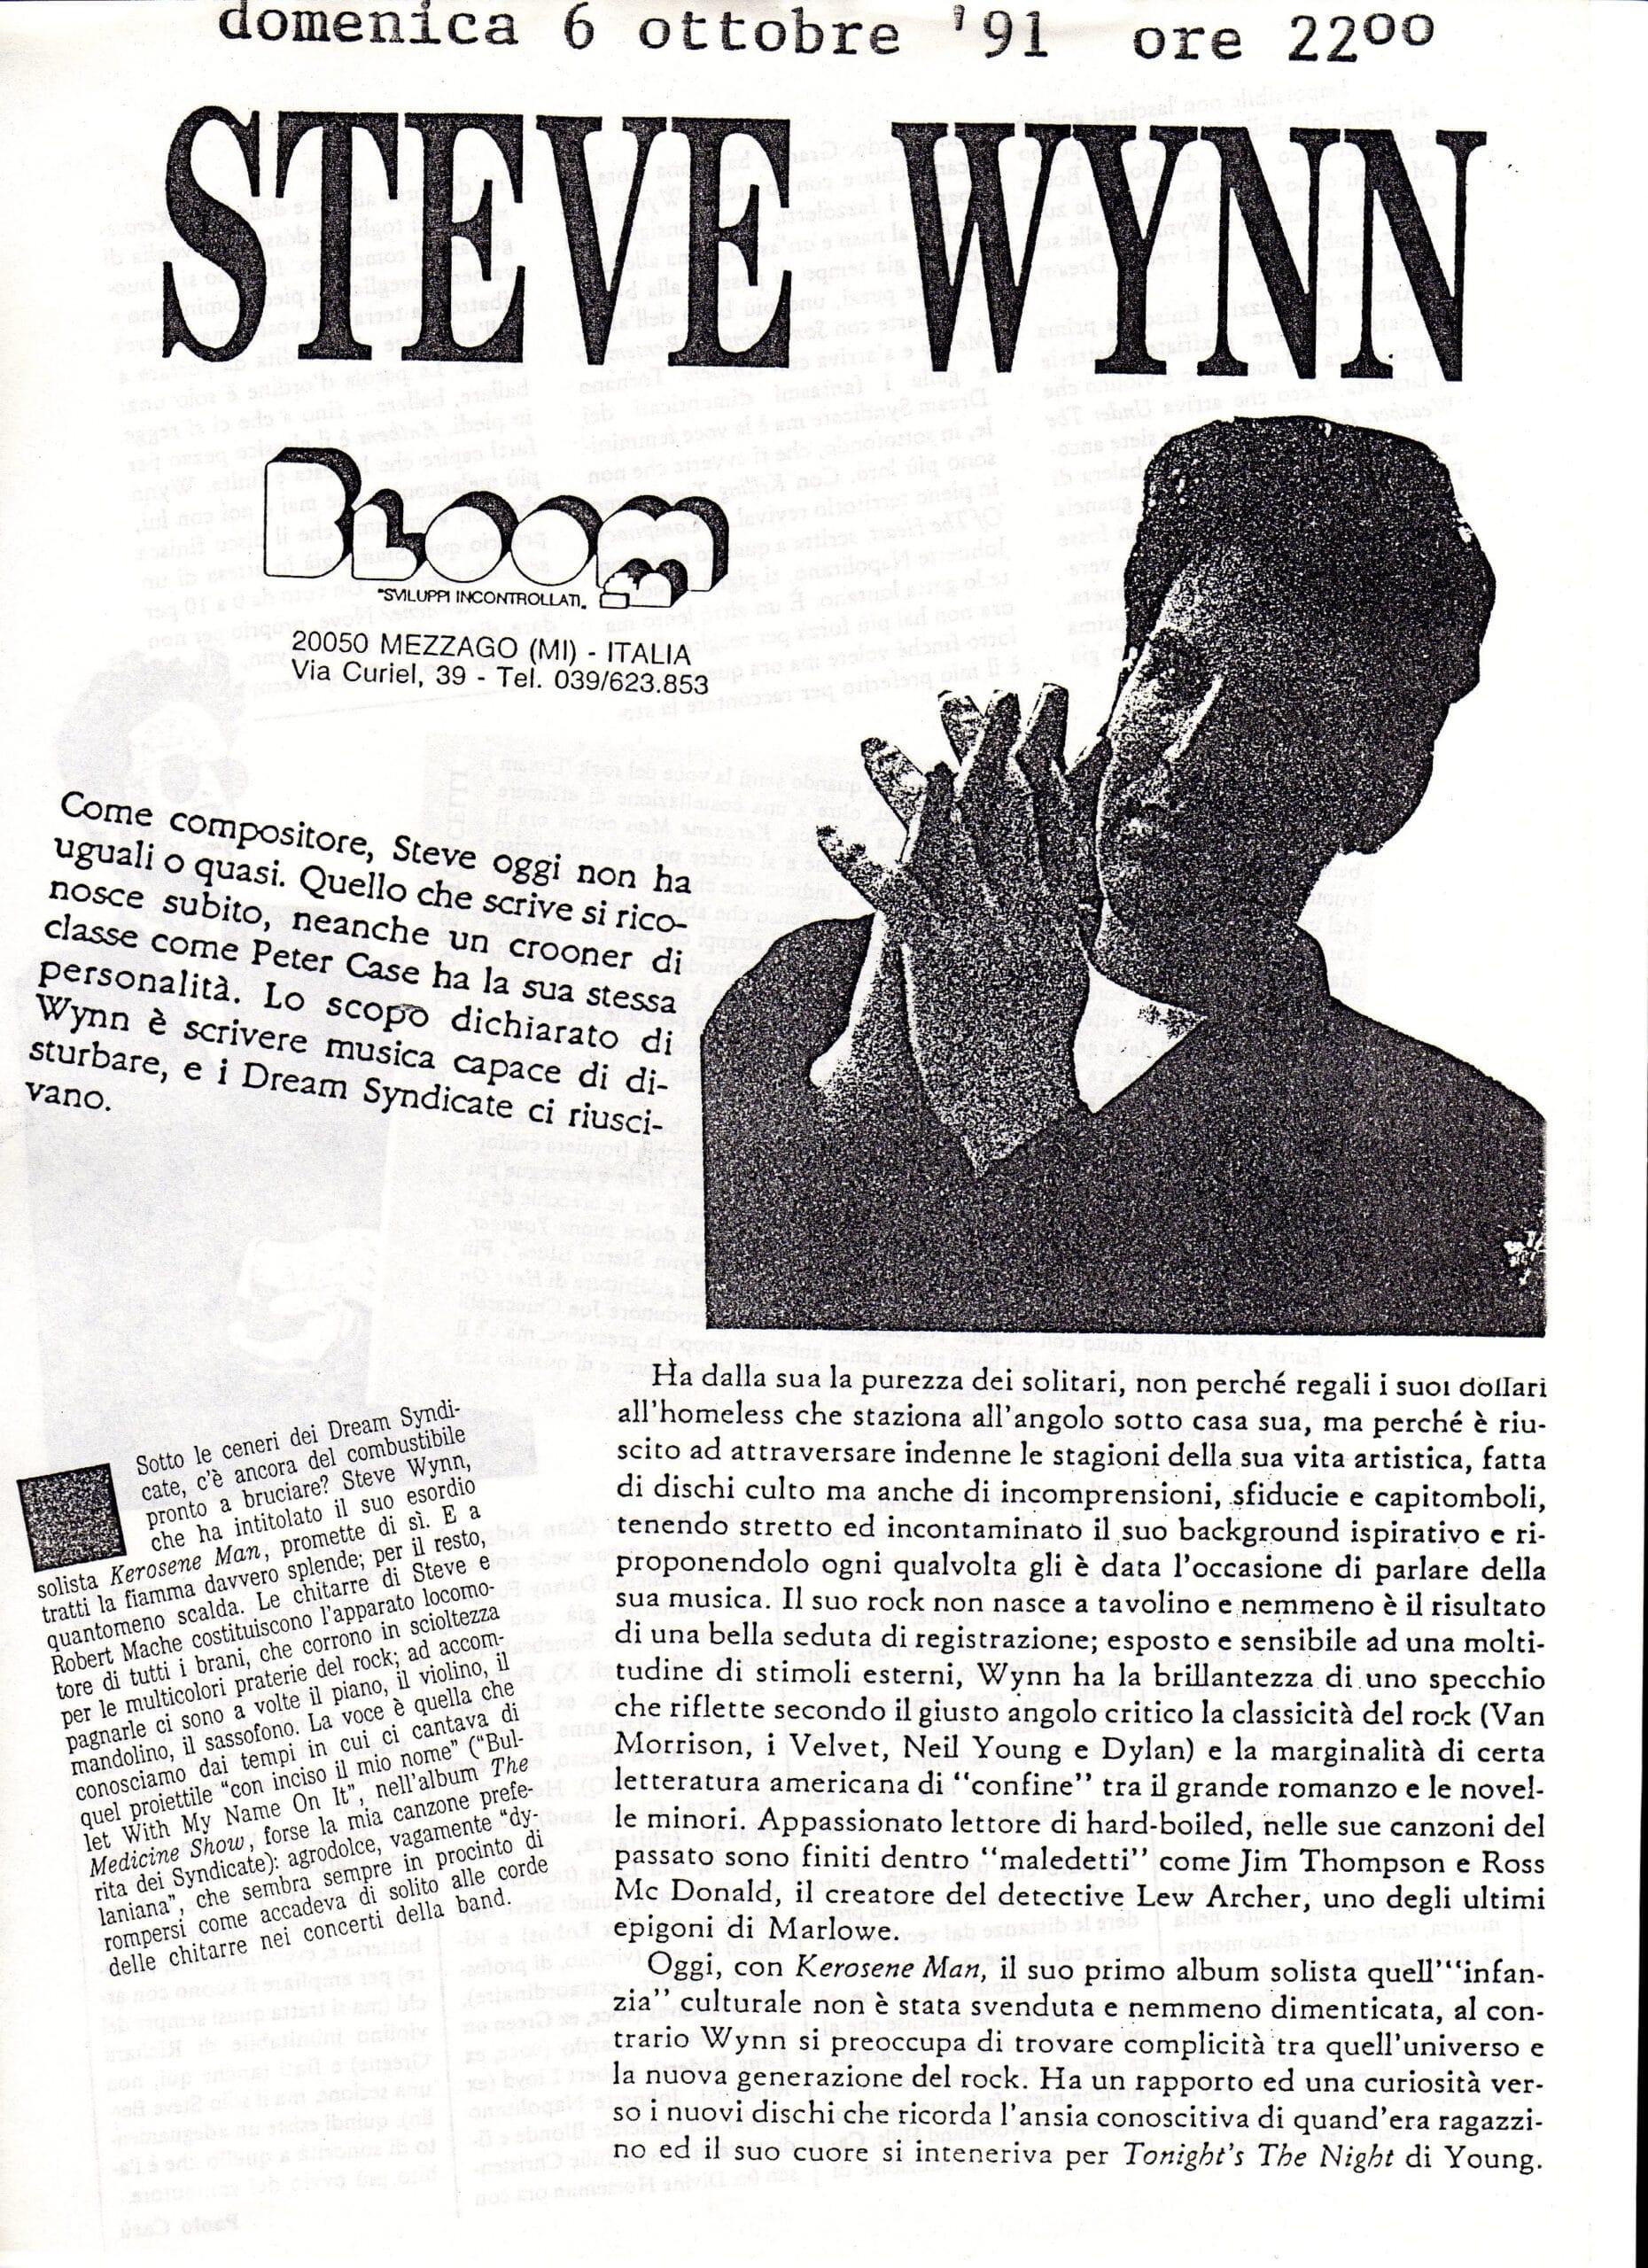 Volantino fotocopiato del concerto di Steve Wynn. 1991